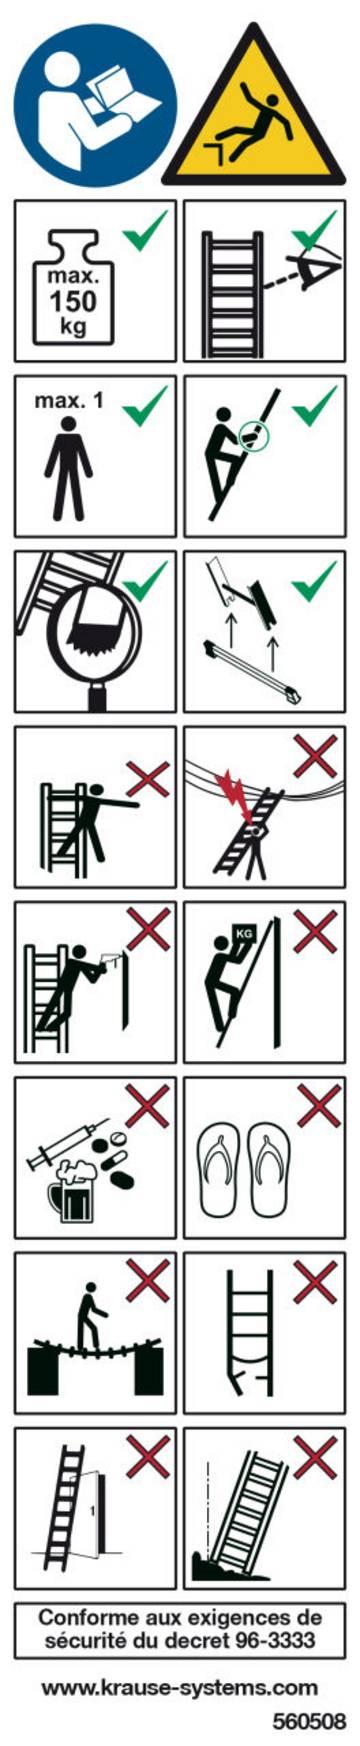 Для этикетирования лестниц и подставок